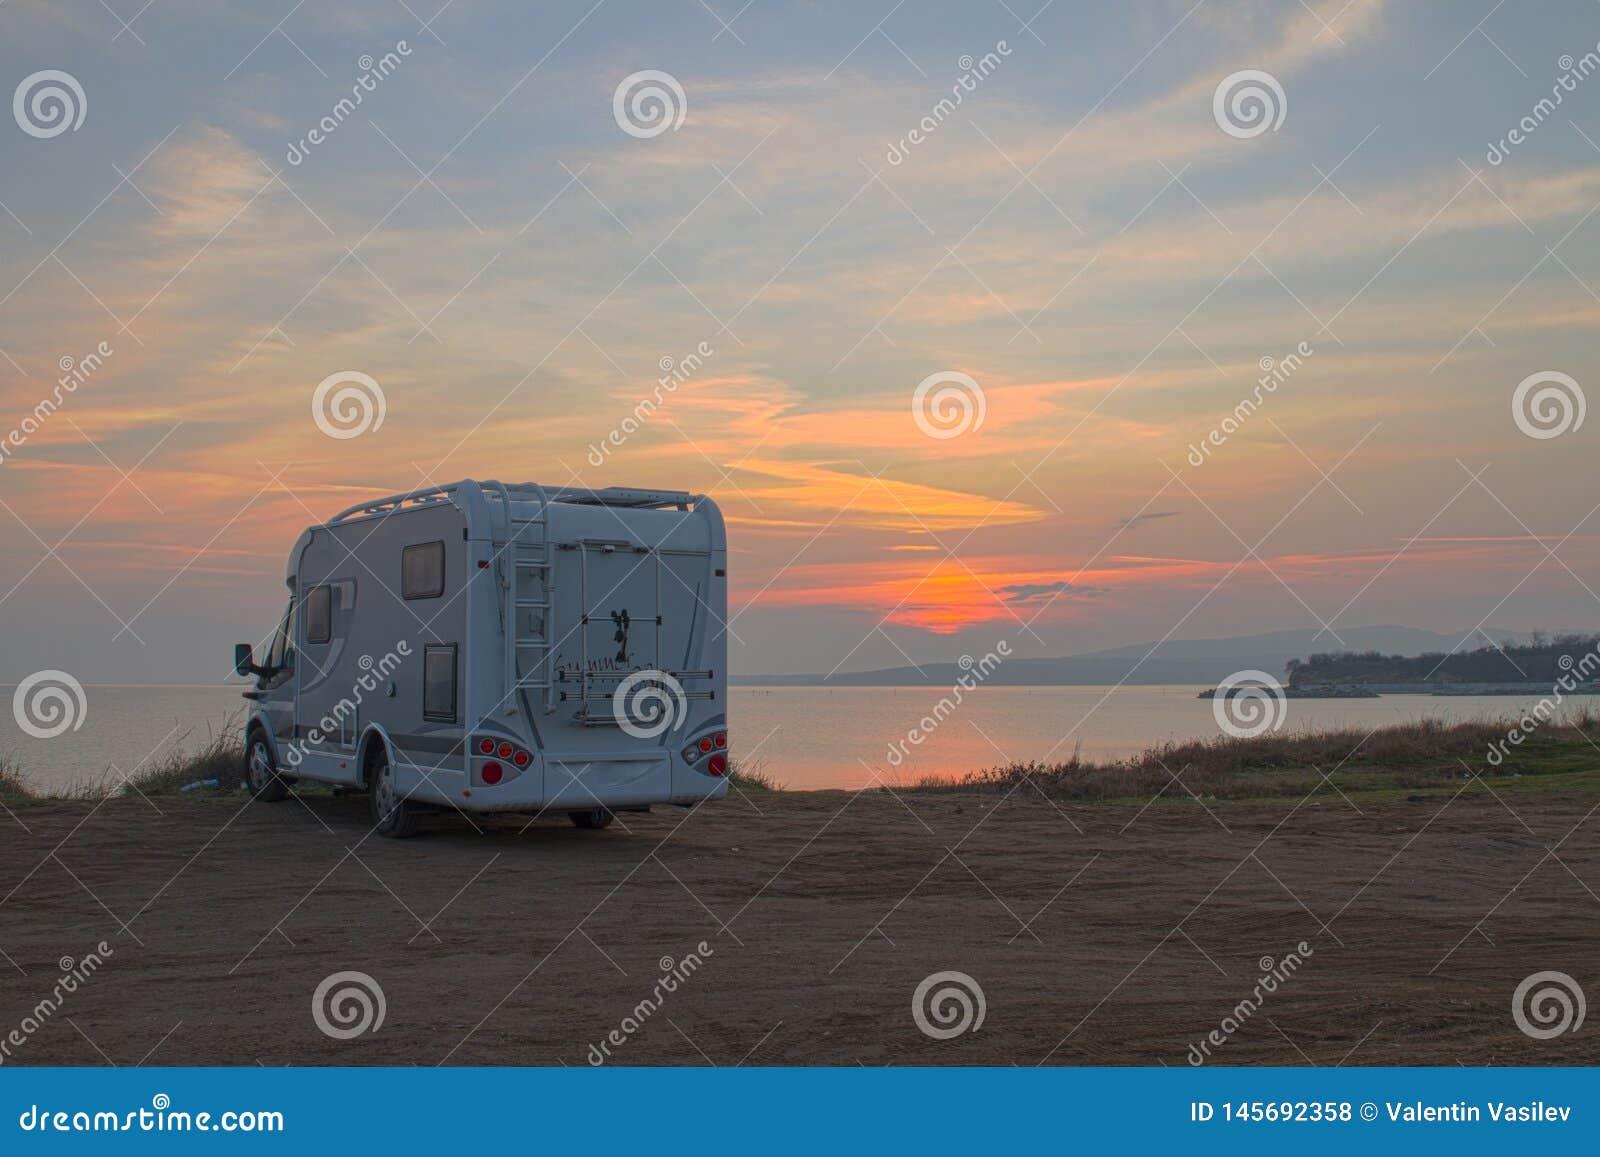 Esperando o nascer do sol